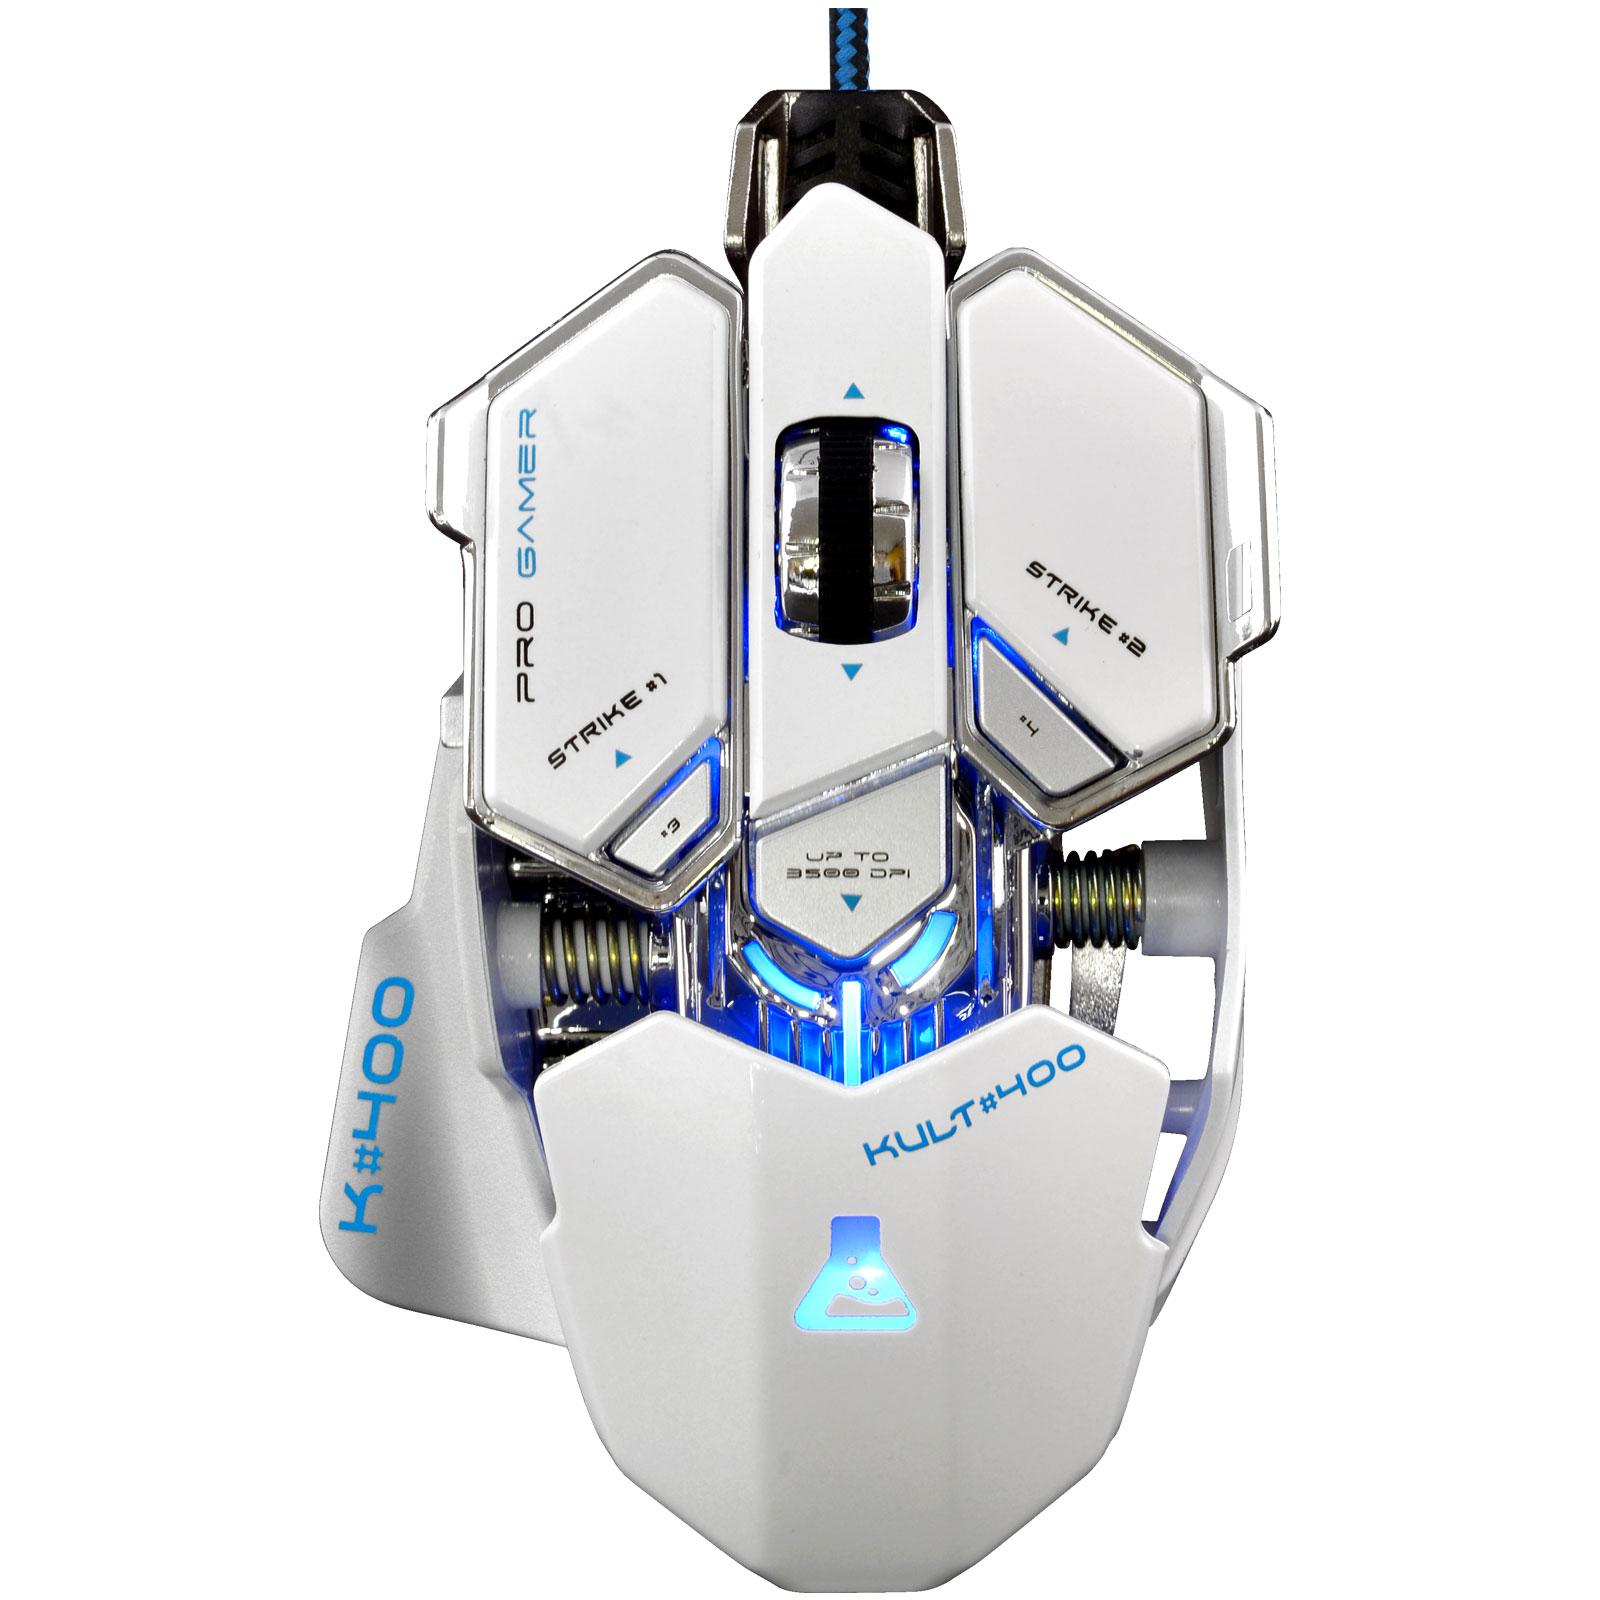 Souris PC The G-Lab KULT#400 Blanc Souris filaire pour gamer - droitier - capteur optique 3500 dpi - 10 boutons programmables - rétro-éclairage RGB